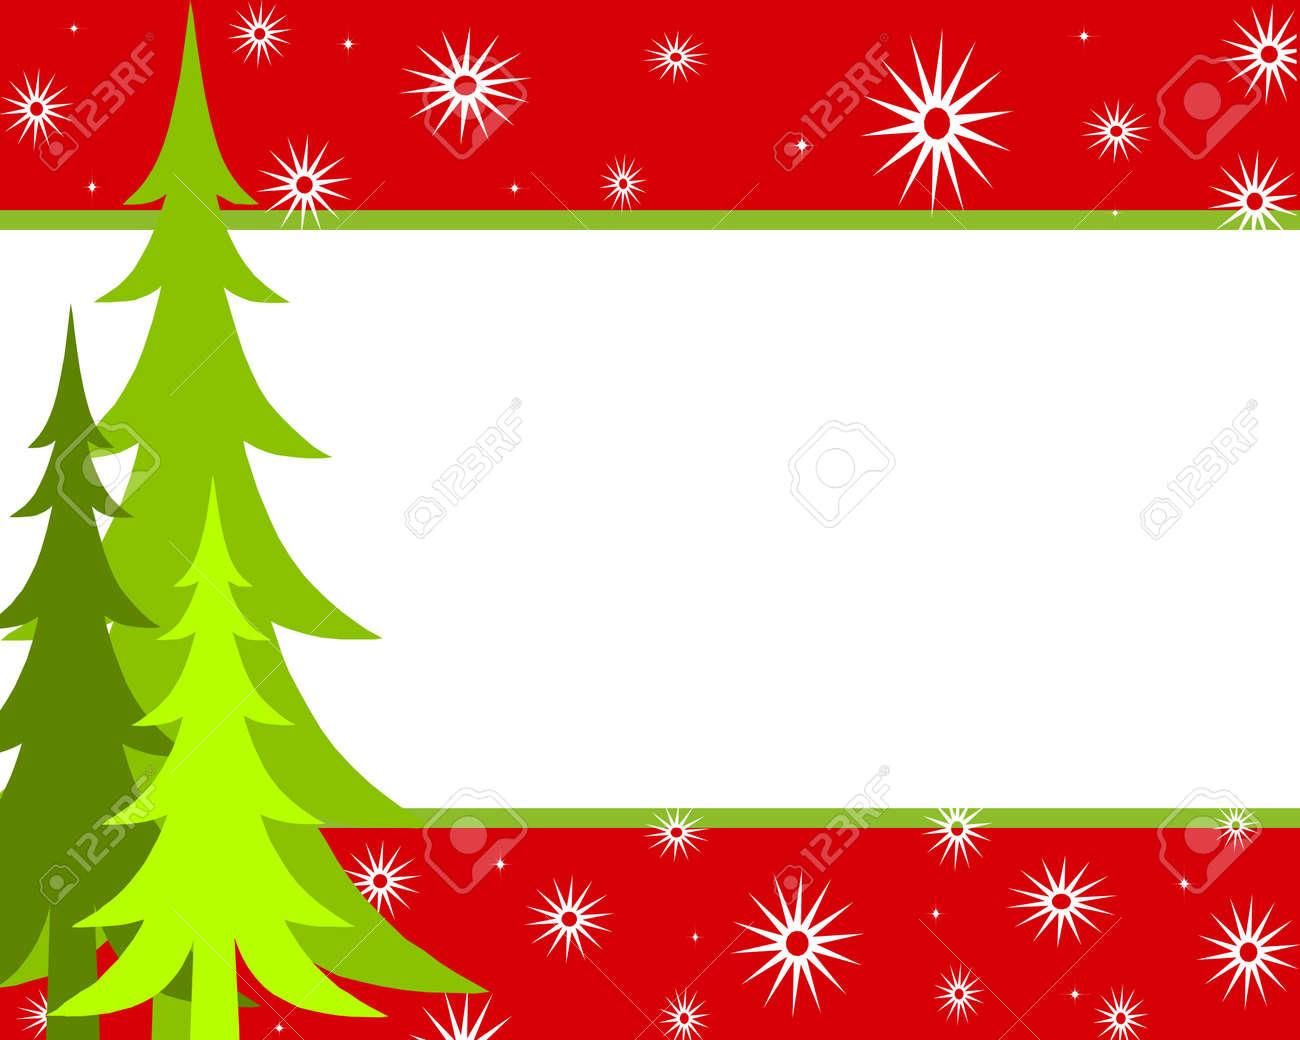 Hermosa Marcos De Tarjetas De Navidad Imagen - Ideas de Arte ...